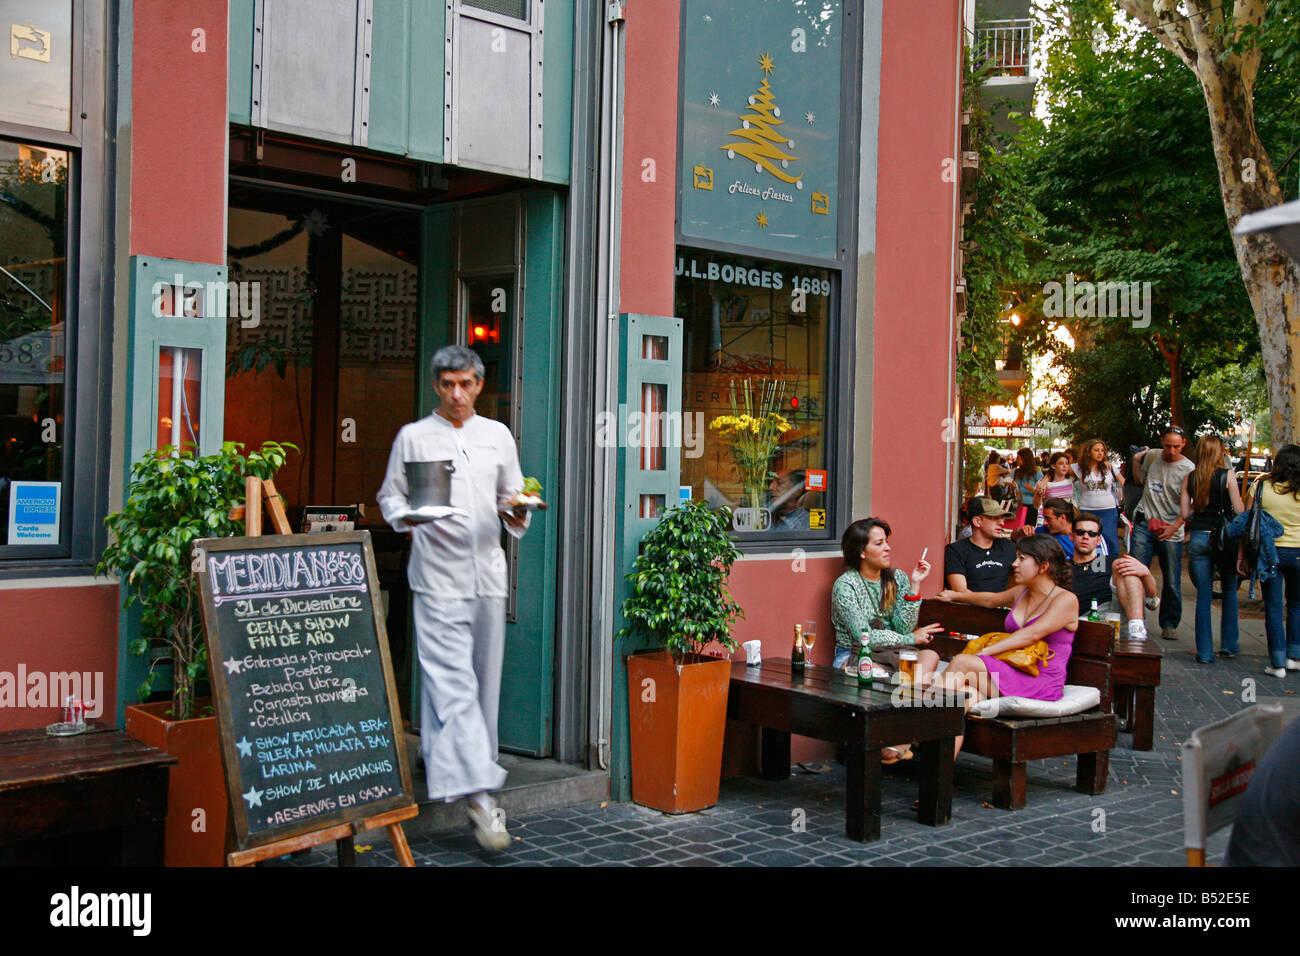 Menschen sitzen vor dem Meridian 58 Restaurant im trendigen Viertel von Palermo Viejo bekannt als Soho-Buenos Aires Stockbild